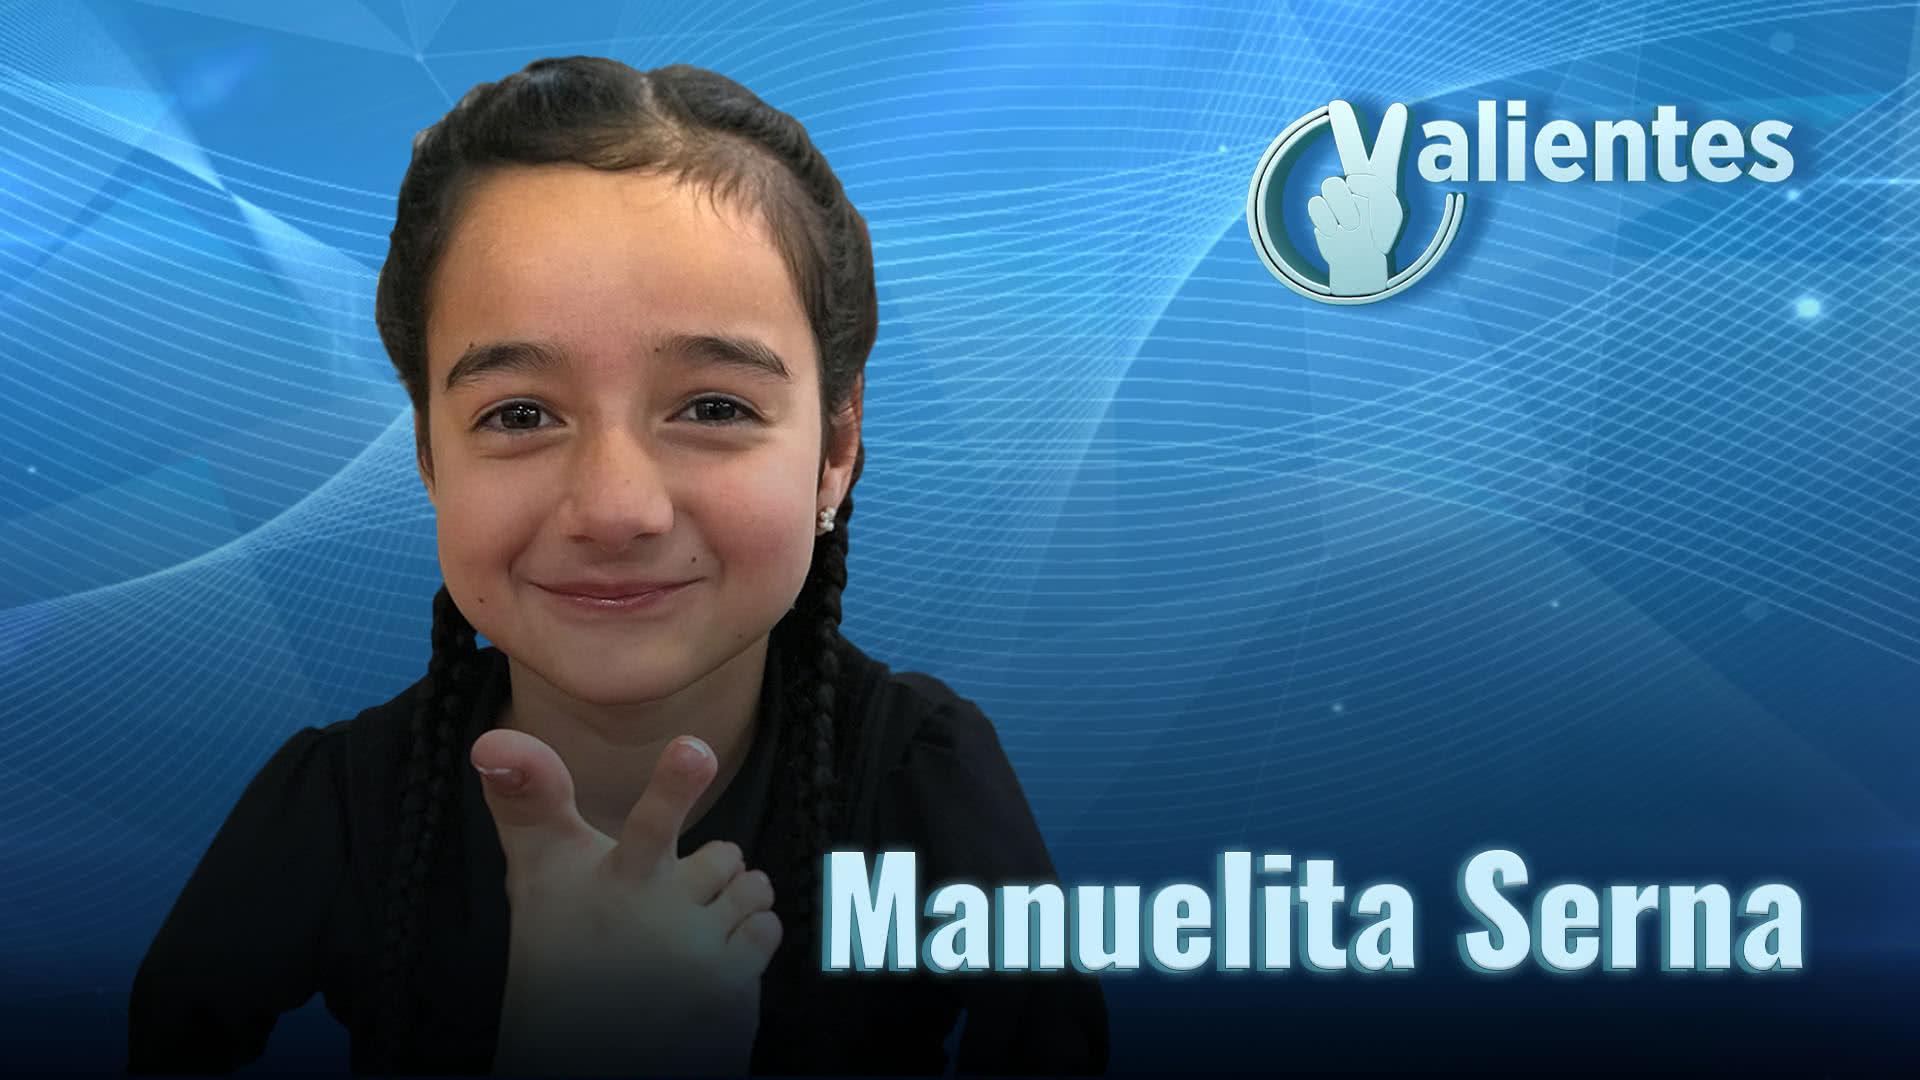 Manuelita, un ángel con alas símbolo de superación